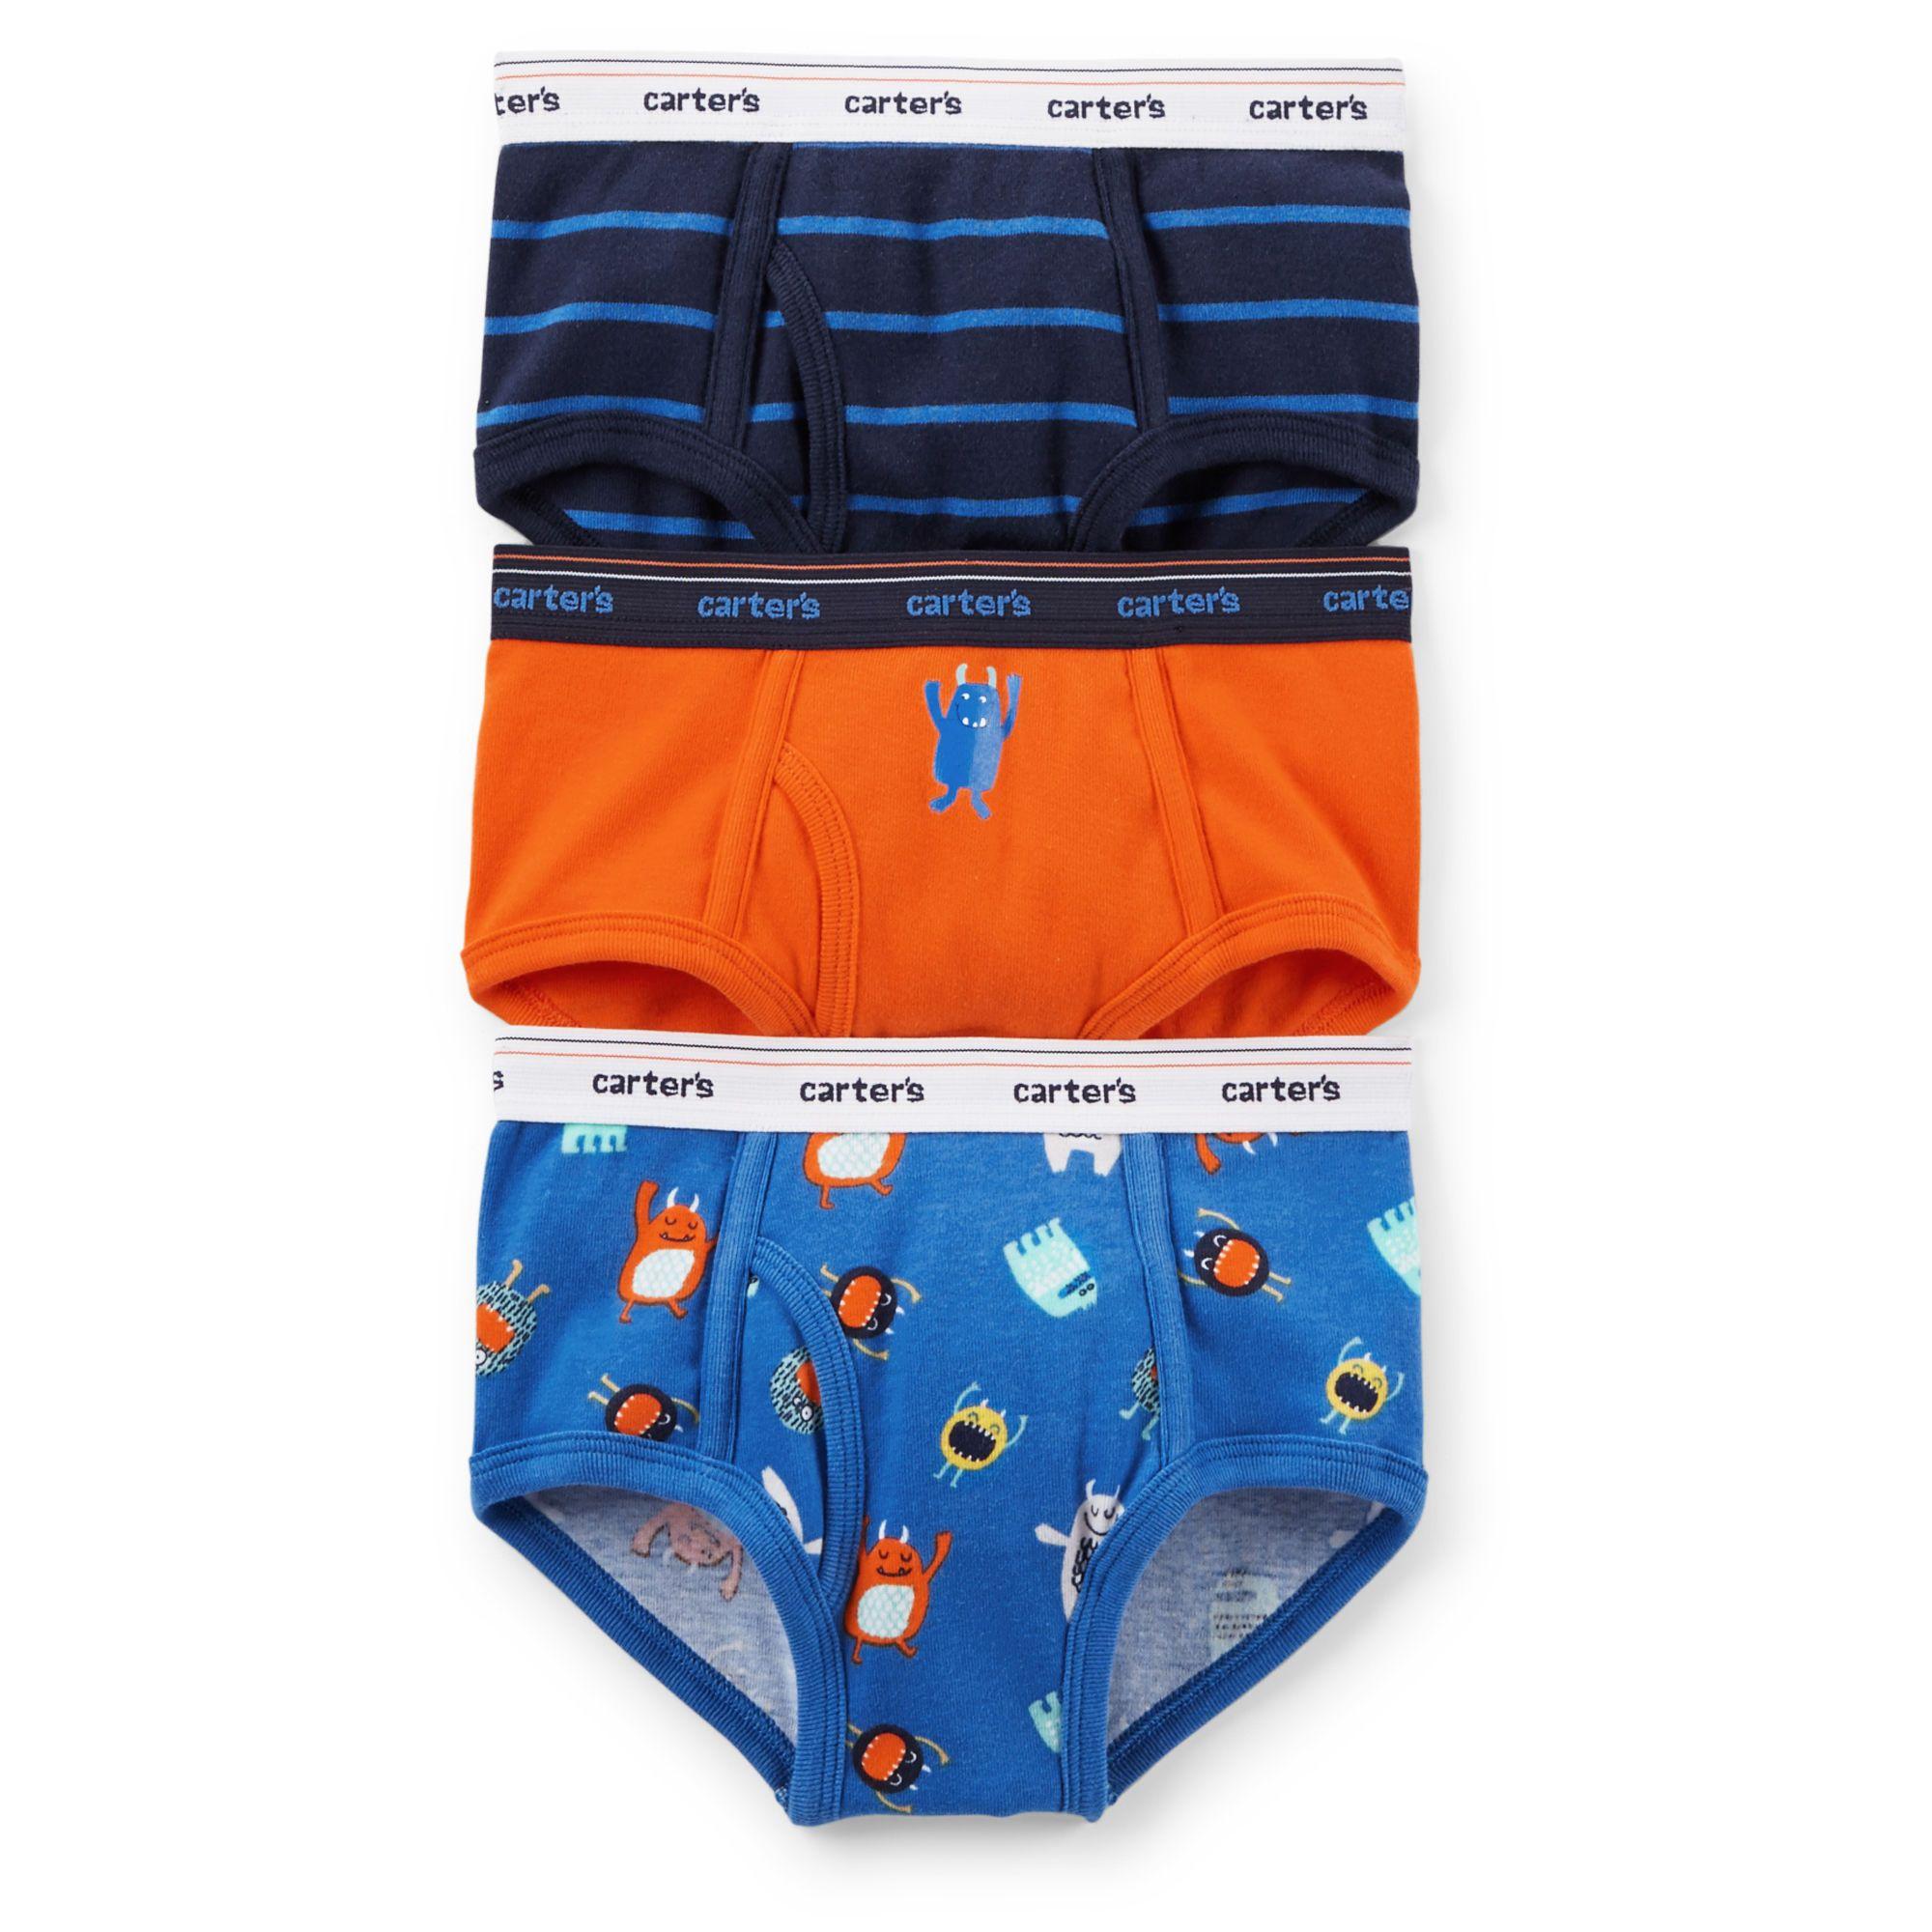 3-Pack Cotton Briefs | Boys underwear, Kid and Boys